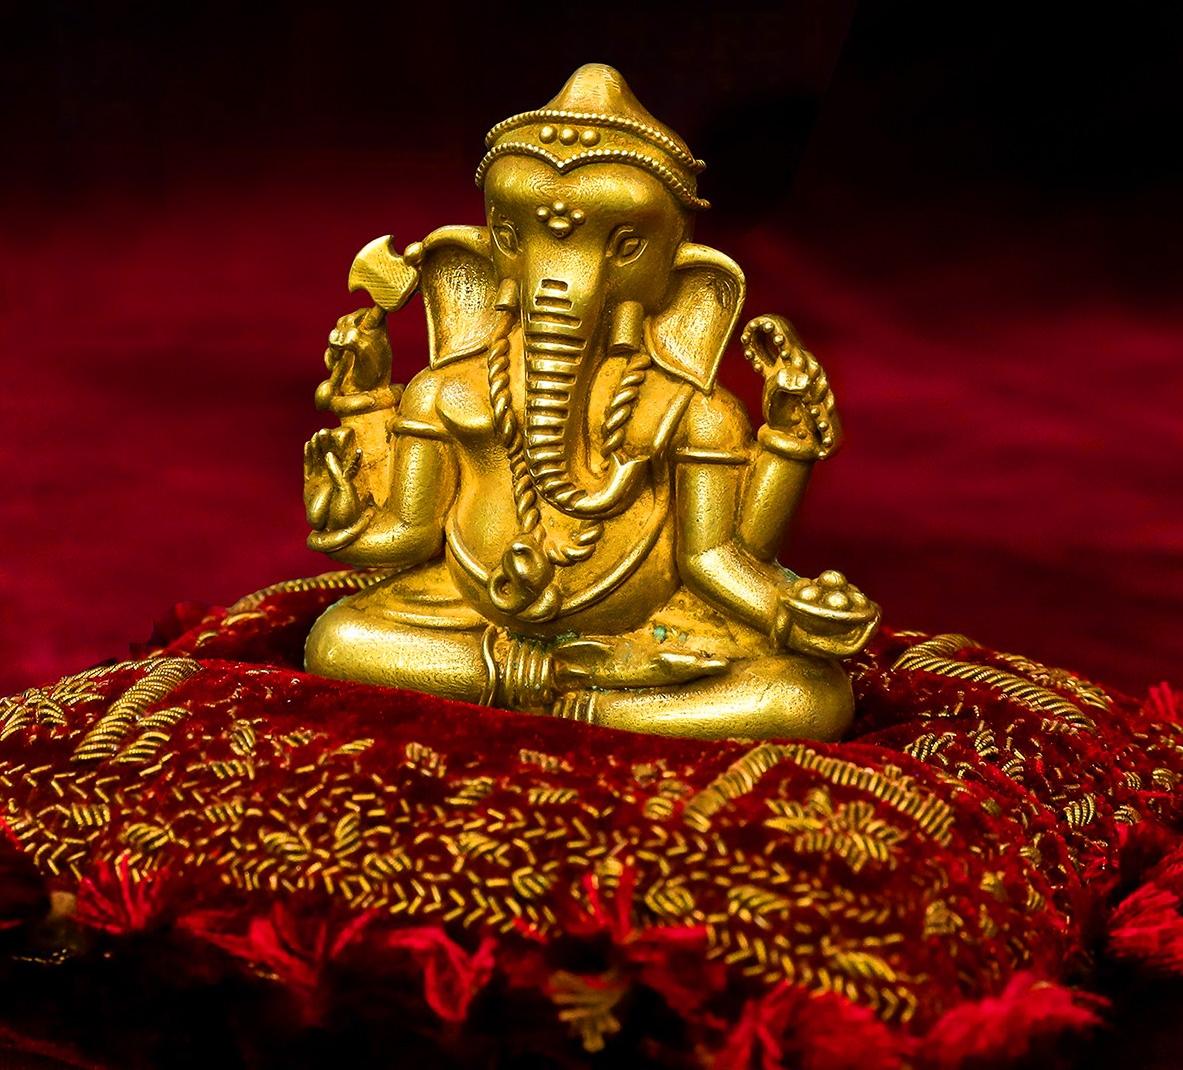 Ganesha Images 55